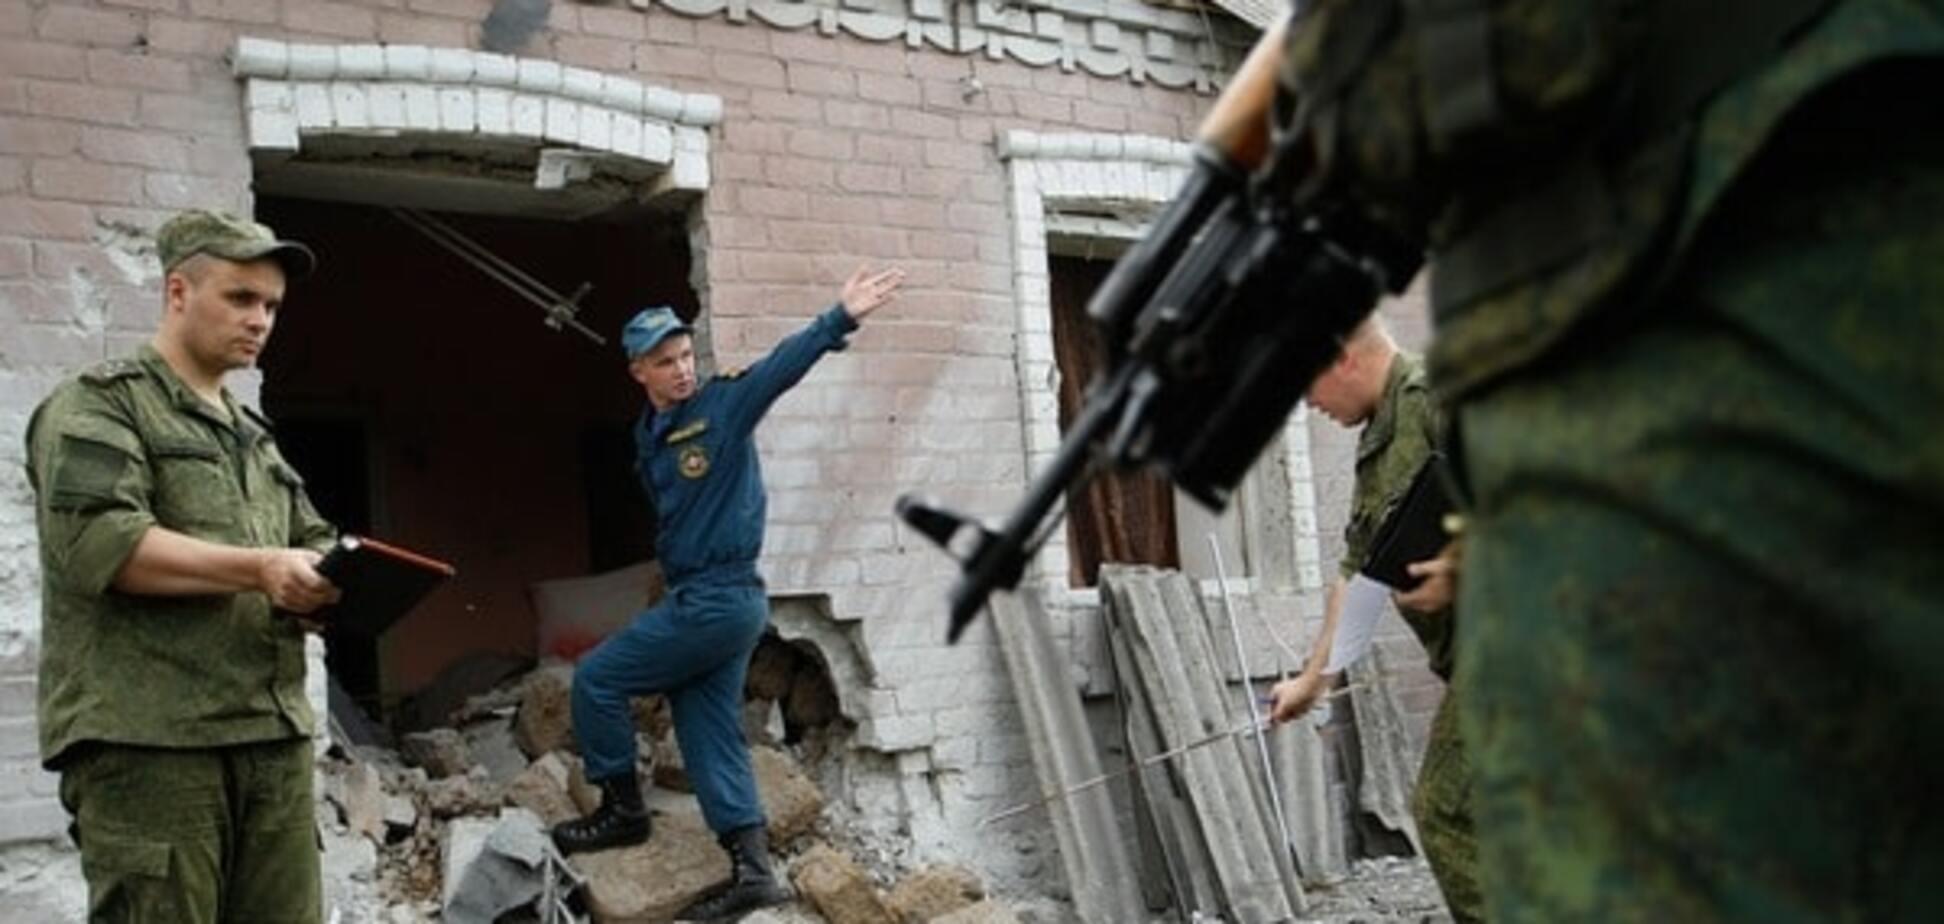 Терористи встановили ліміт на використання боєприпасів на Донбасі - розвідка